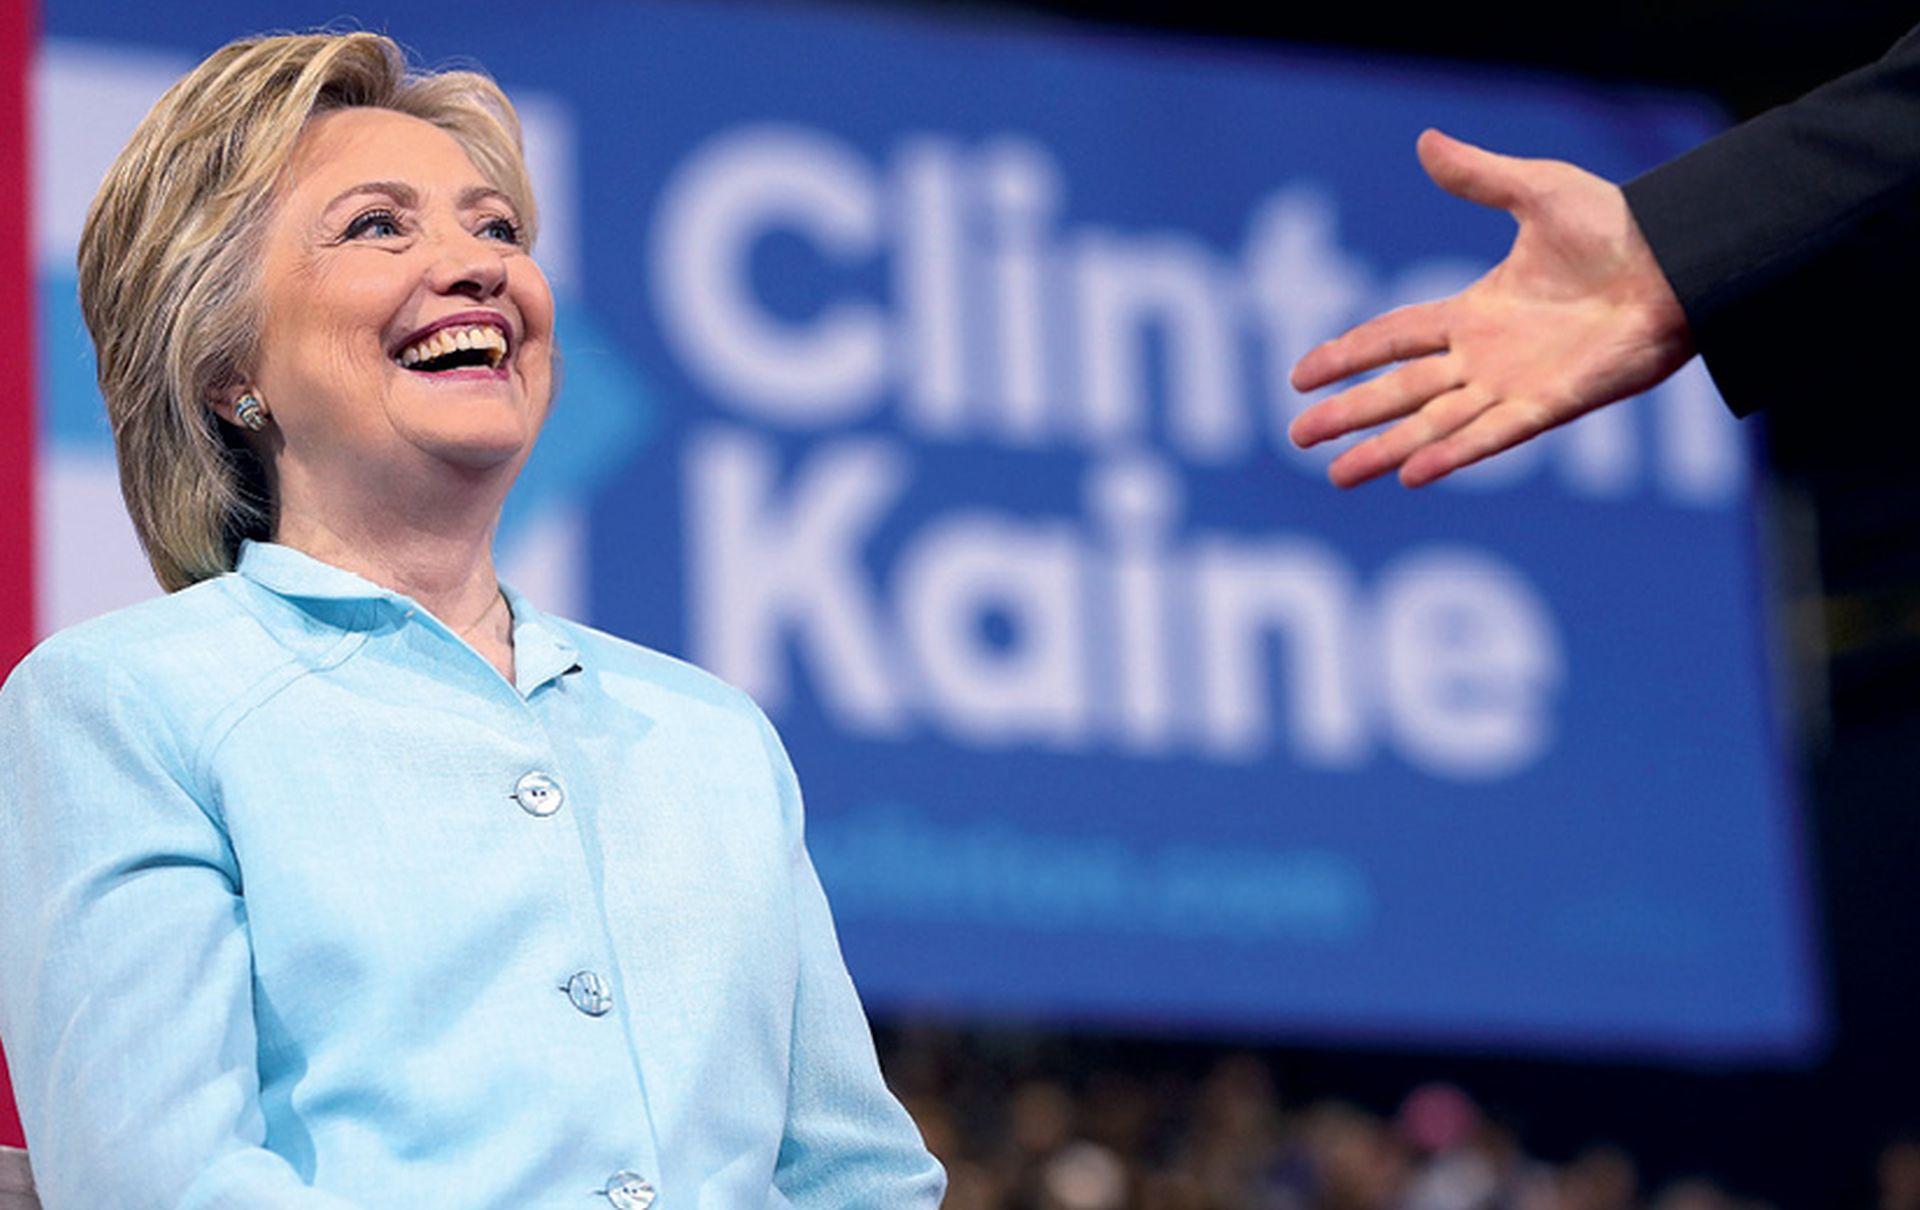 Senator iz Virginije ključna je karika u pohodu Hillary Clinton na Bijelu kuću